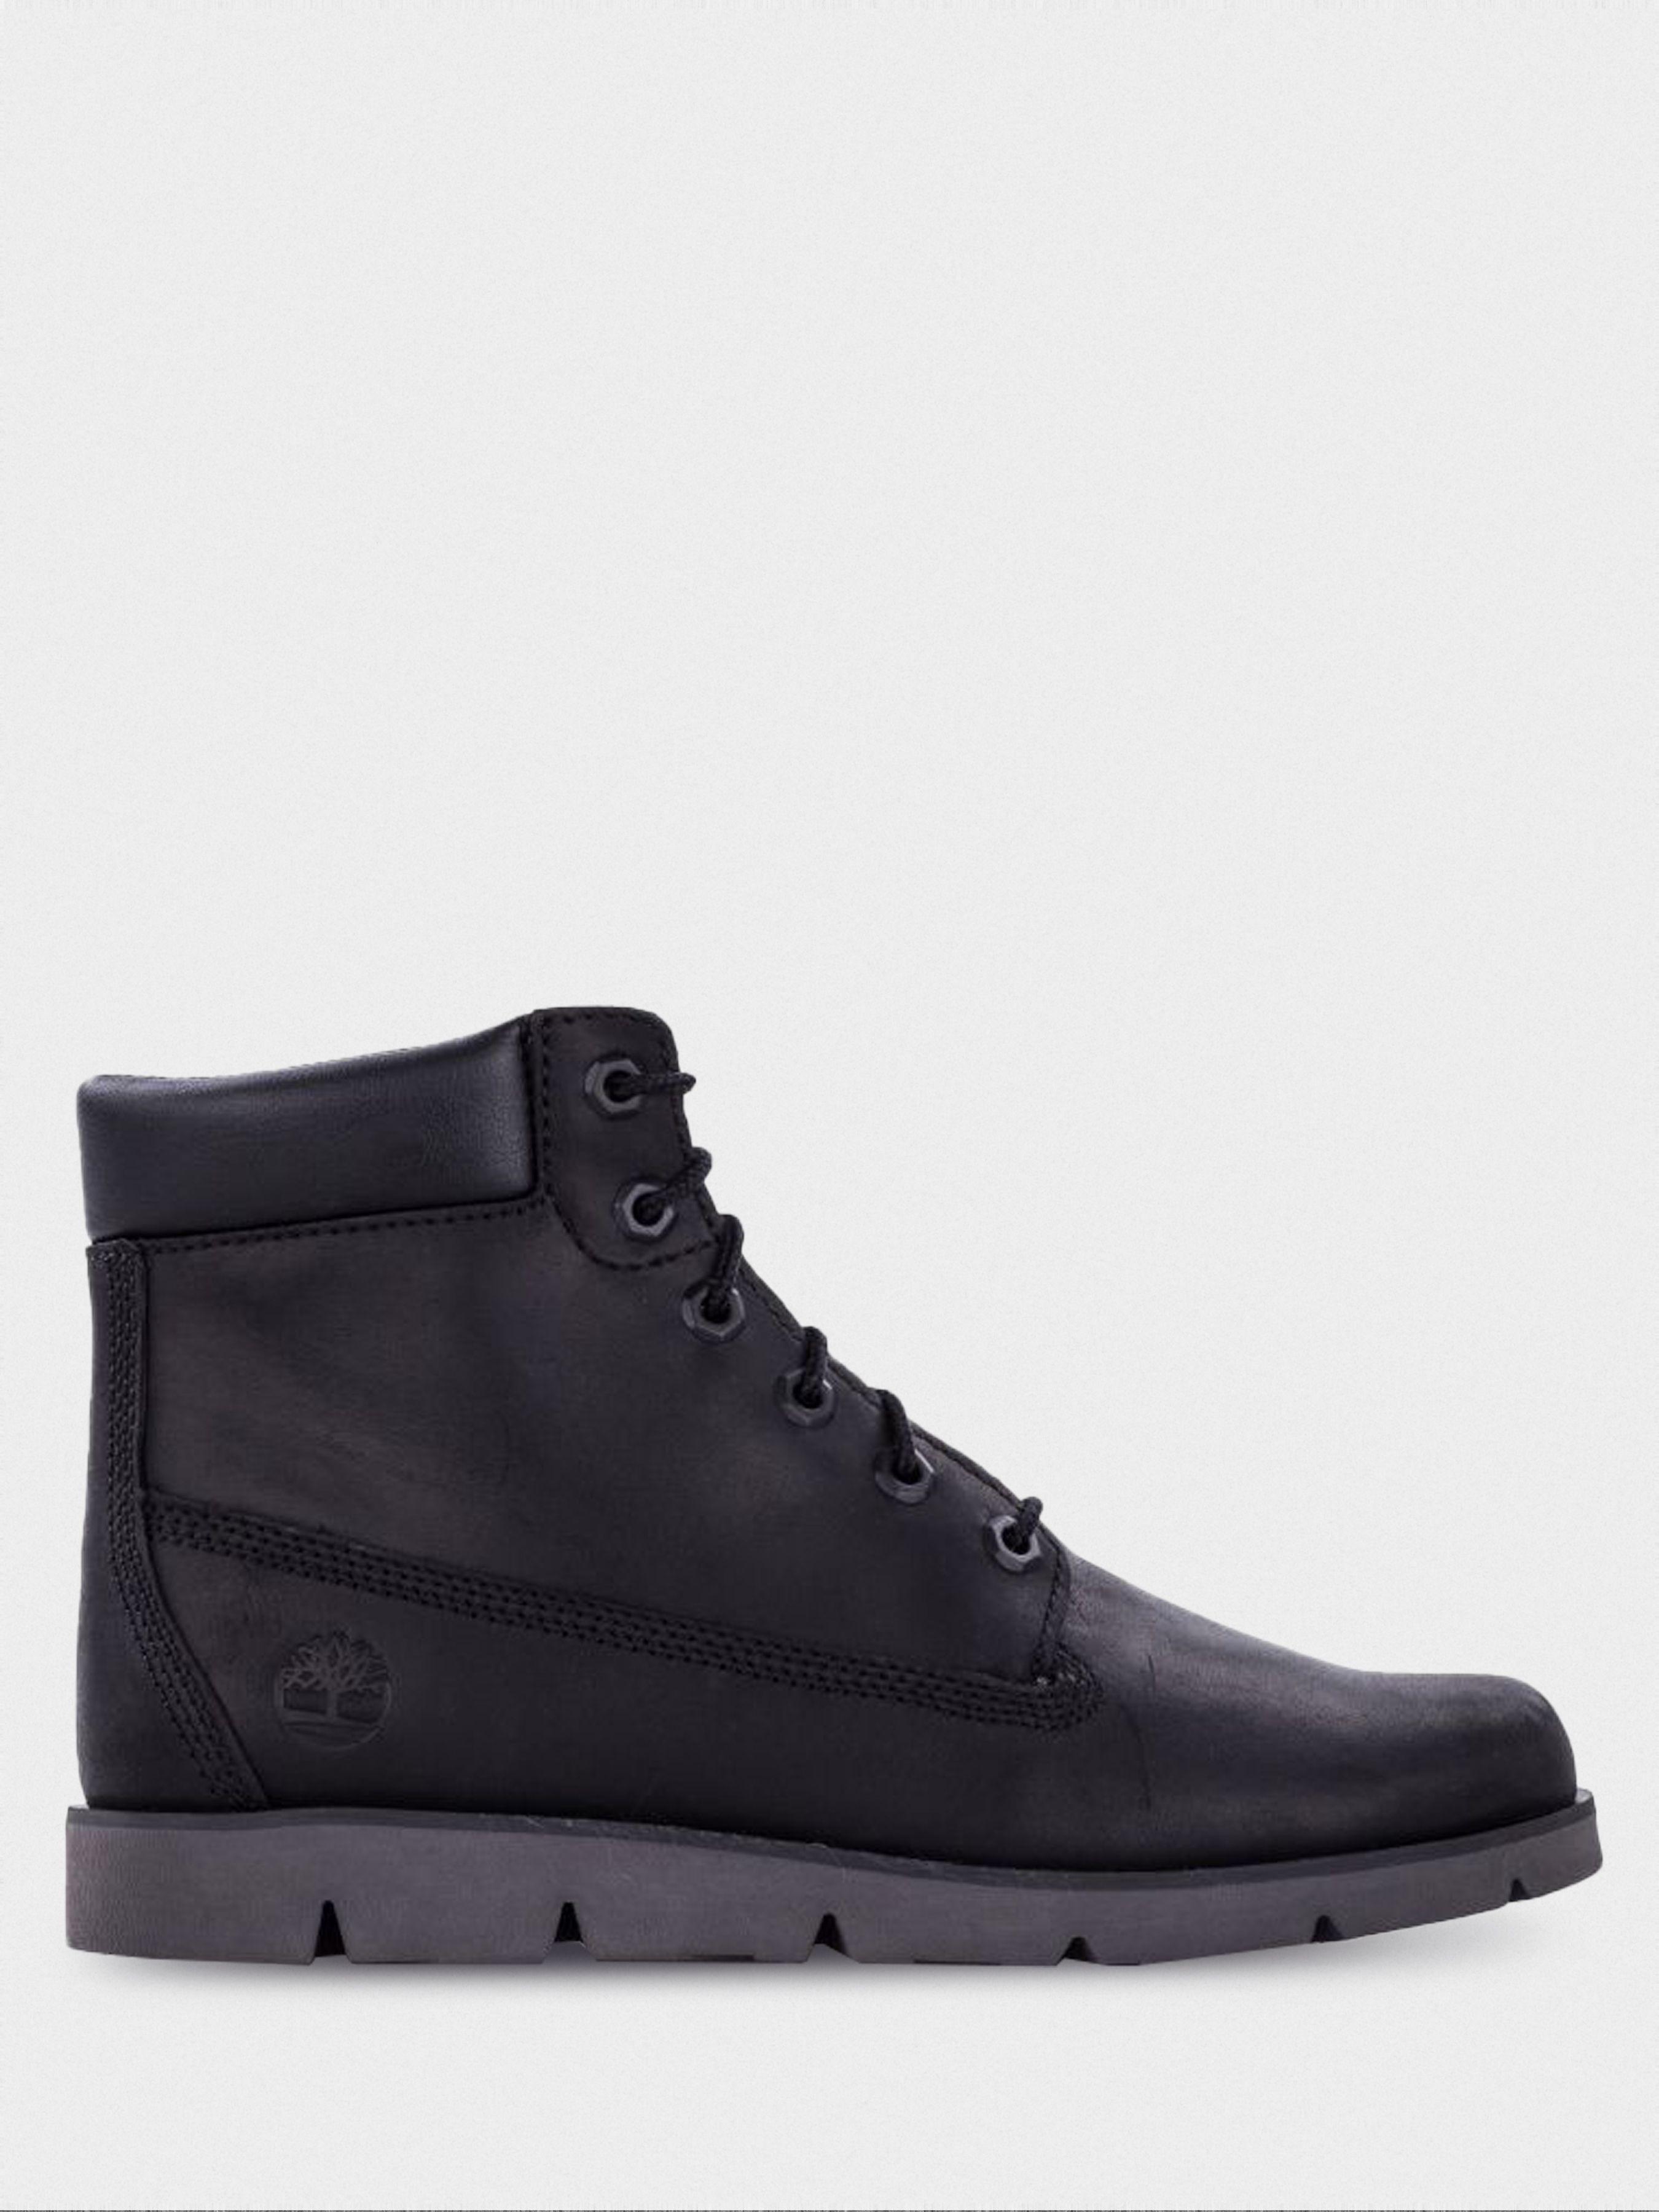 Ботинки детские Timberland Radford TL1670 брендовая обувь, 2017